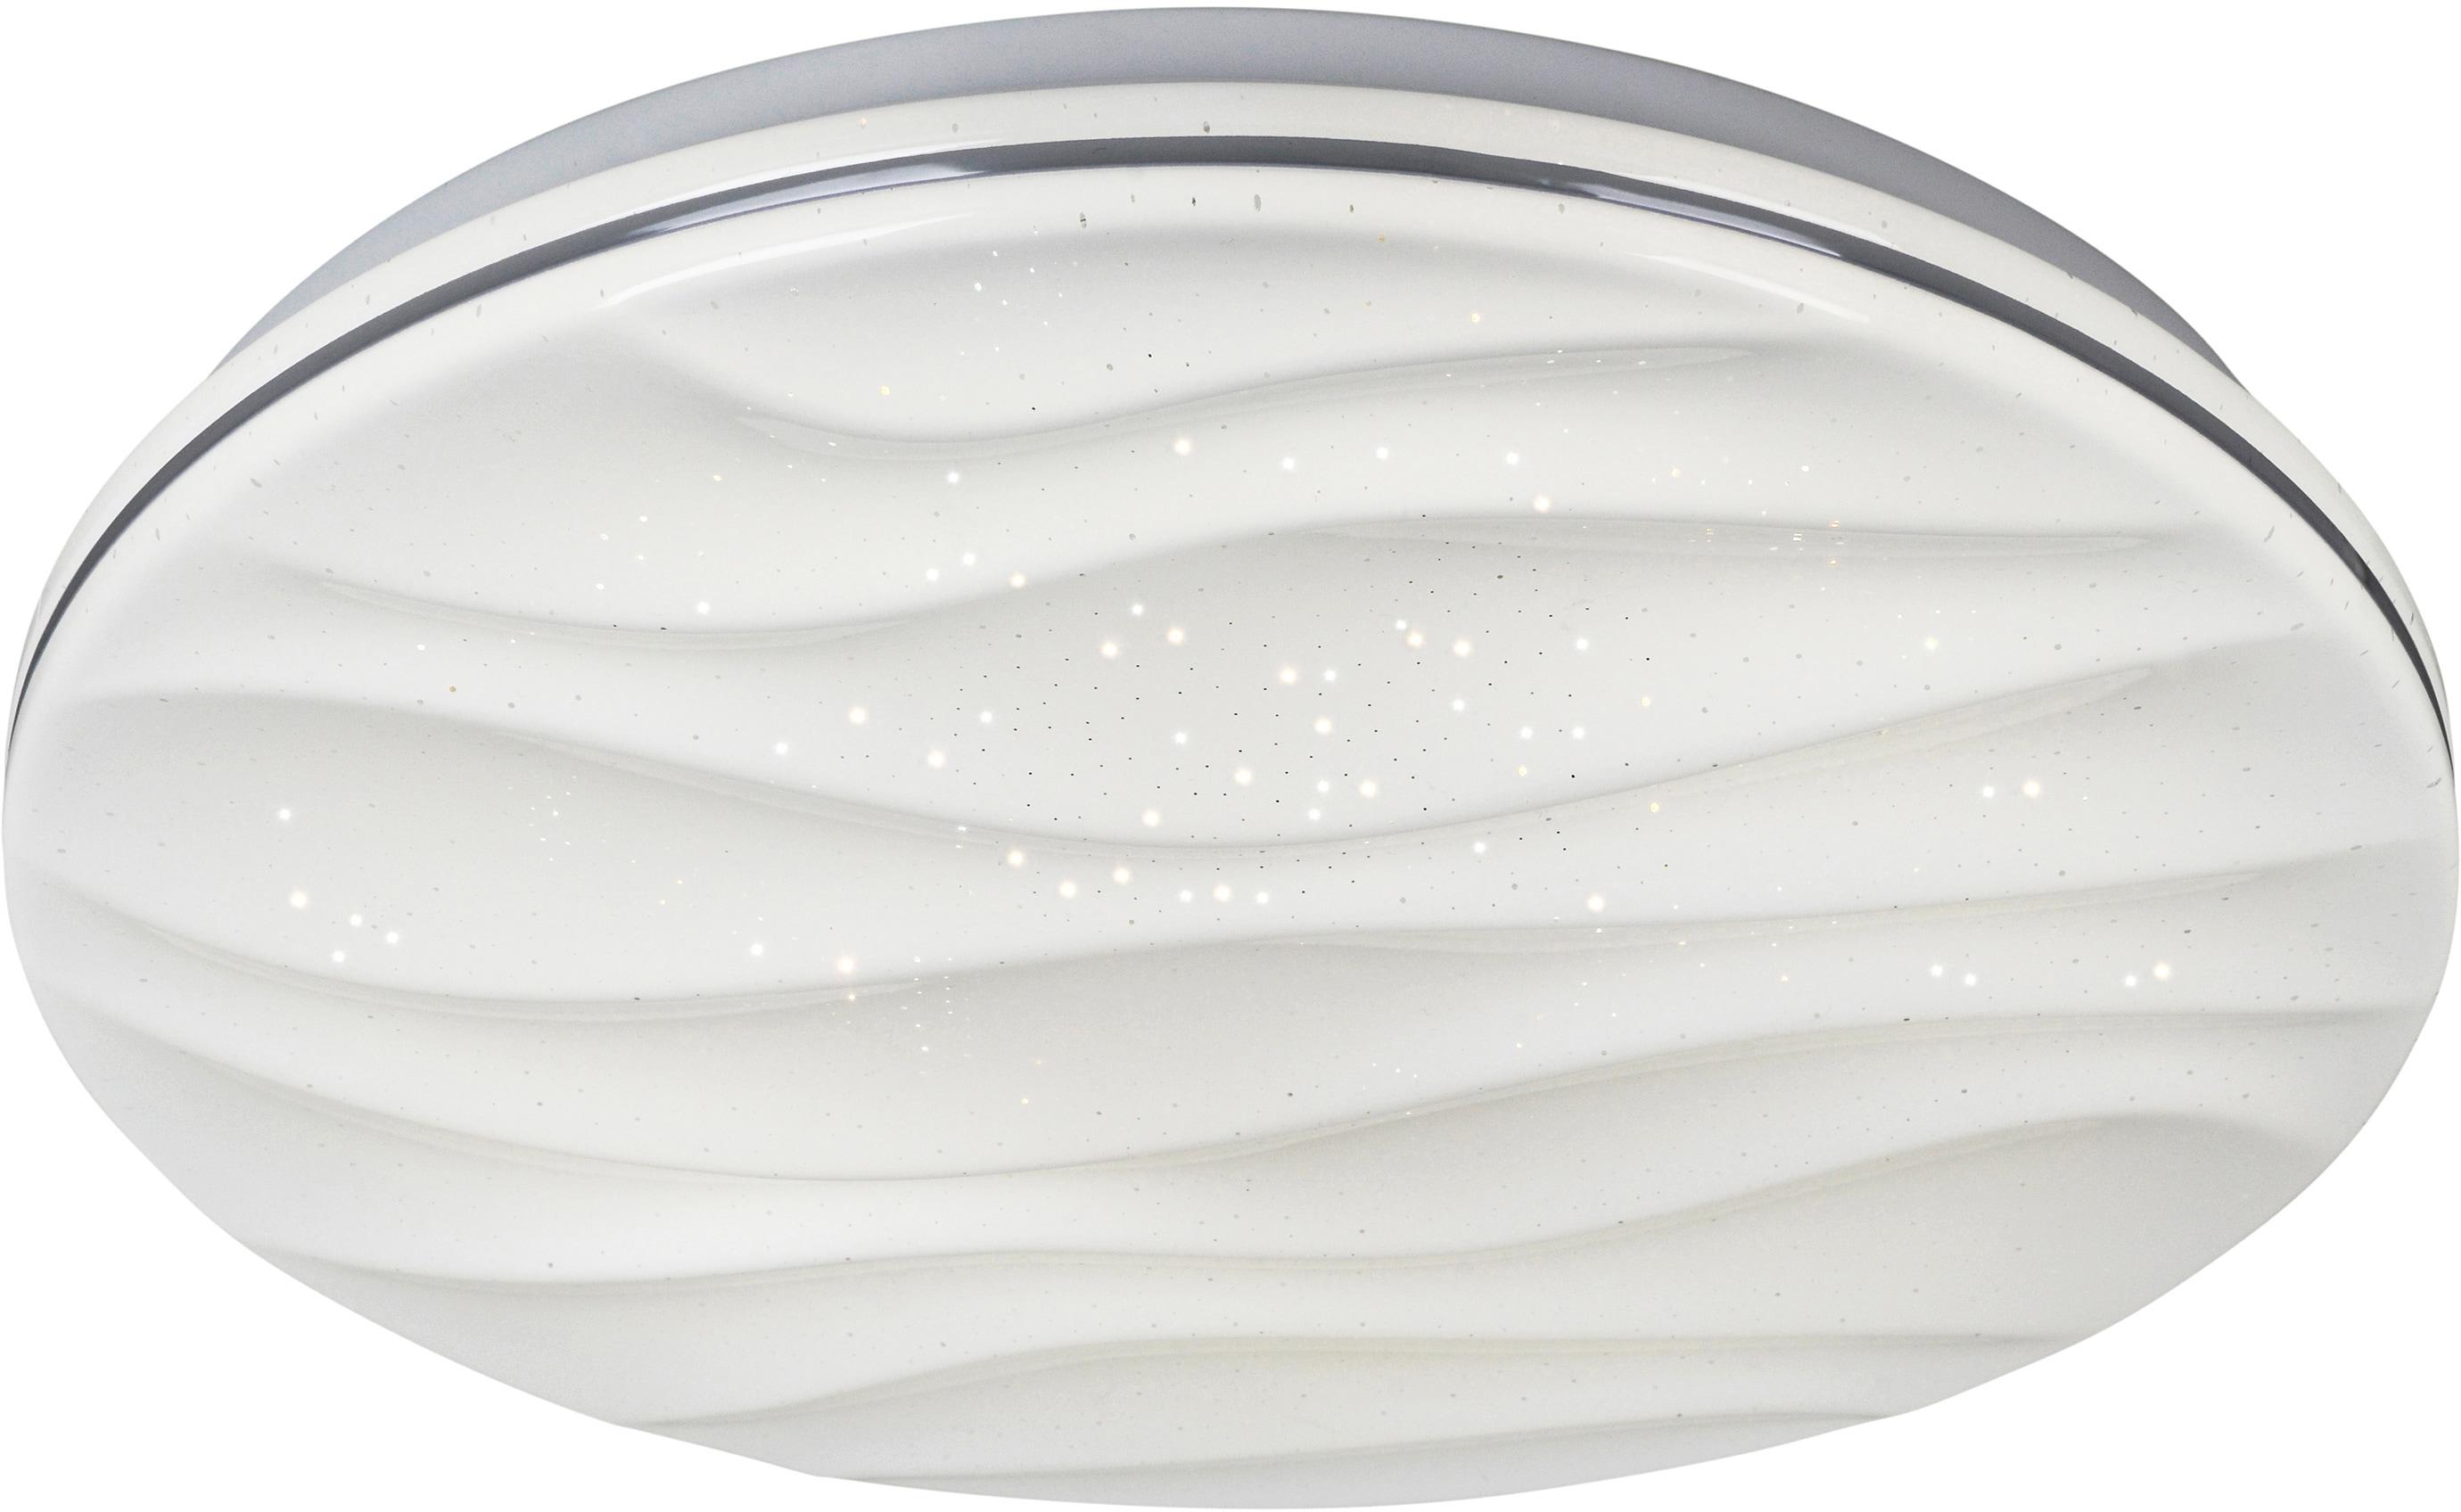 näve LED Deckenleuchte Austin, LED-Board, Kaltweiß-Neutralweiß-Warmweiß, Sternenhimmel, Deckenlampe Ø 38 cm, tuya Smart Home, Farbtemperatursteuerung CCT 3000 - 6000 K